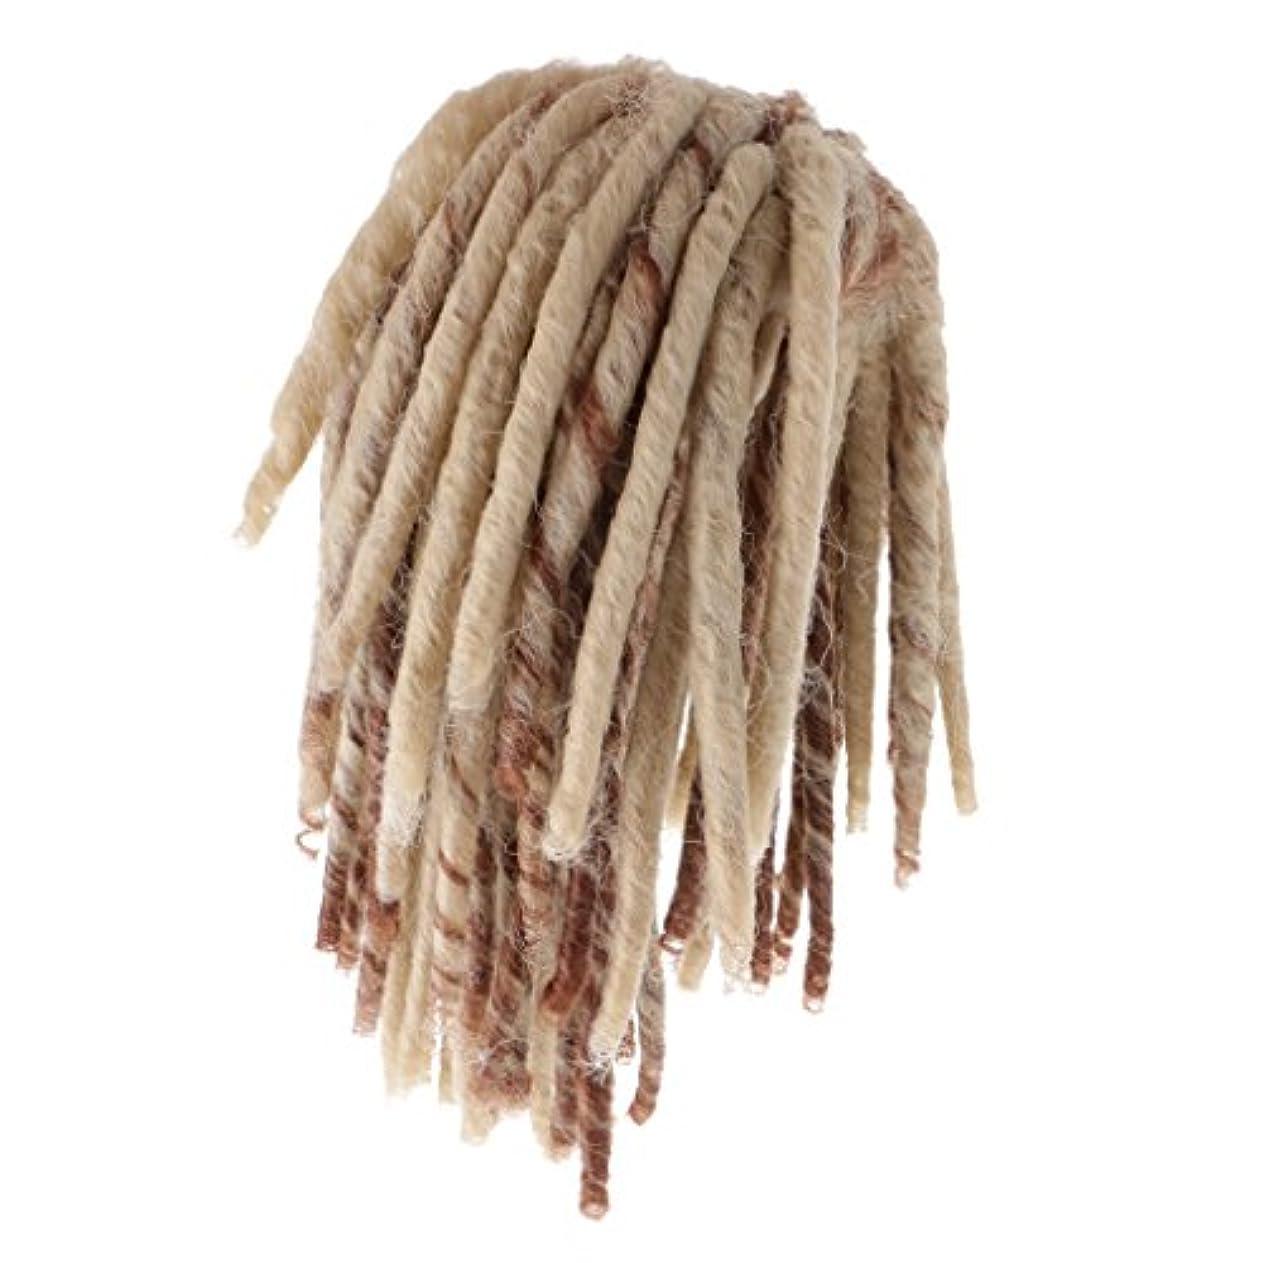 是正失望させる鎖Dovewill 人形用ウィッグ  ドレッドかつら  カーリー かつら  髪 ヘア 18インチドール用  DIY修理用品  全2色  - ブラウン